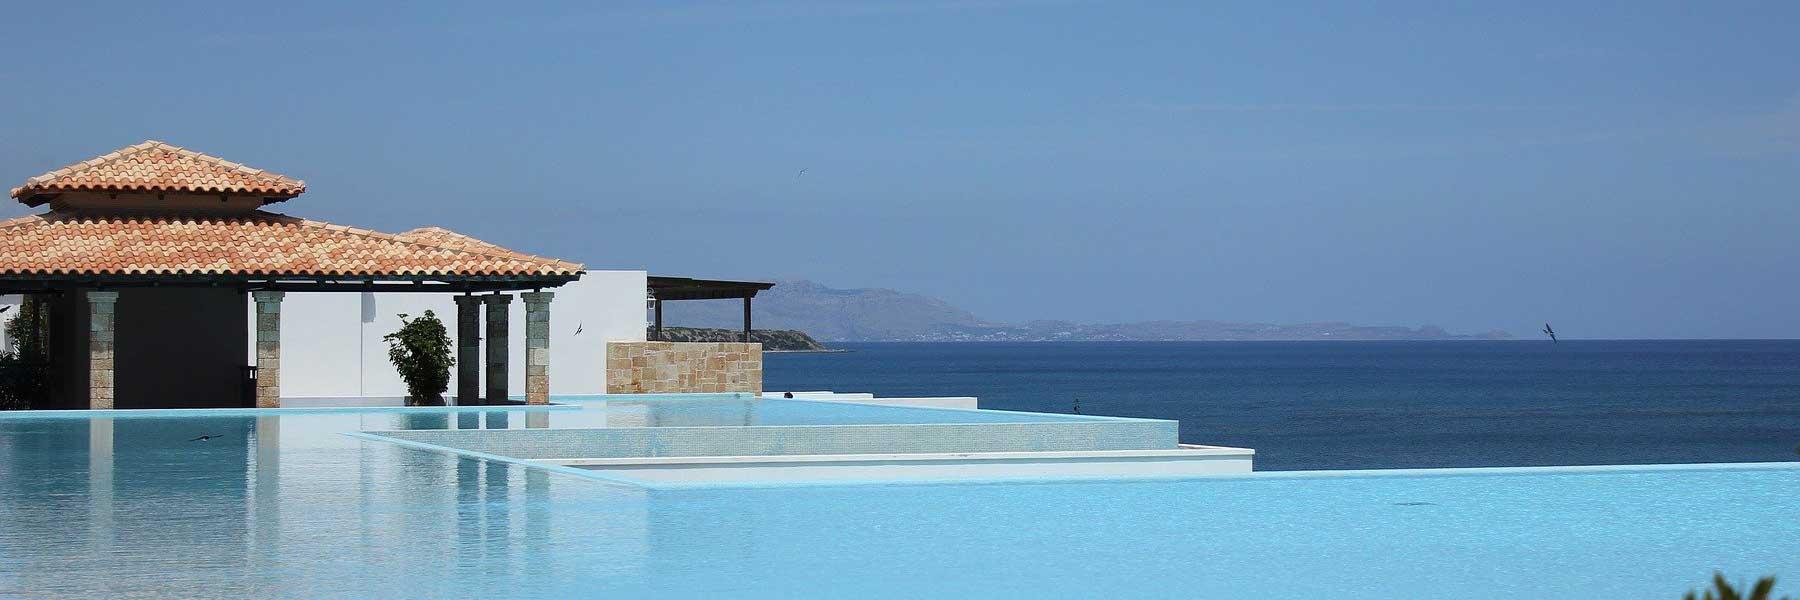 Immobilie und Pool auf Mallorca